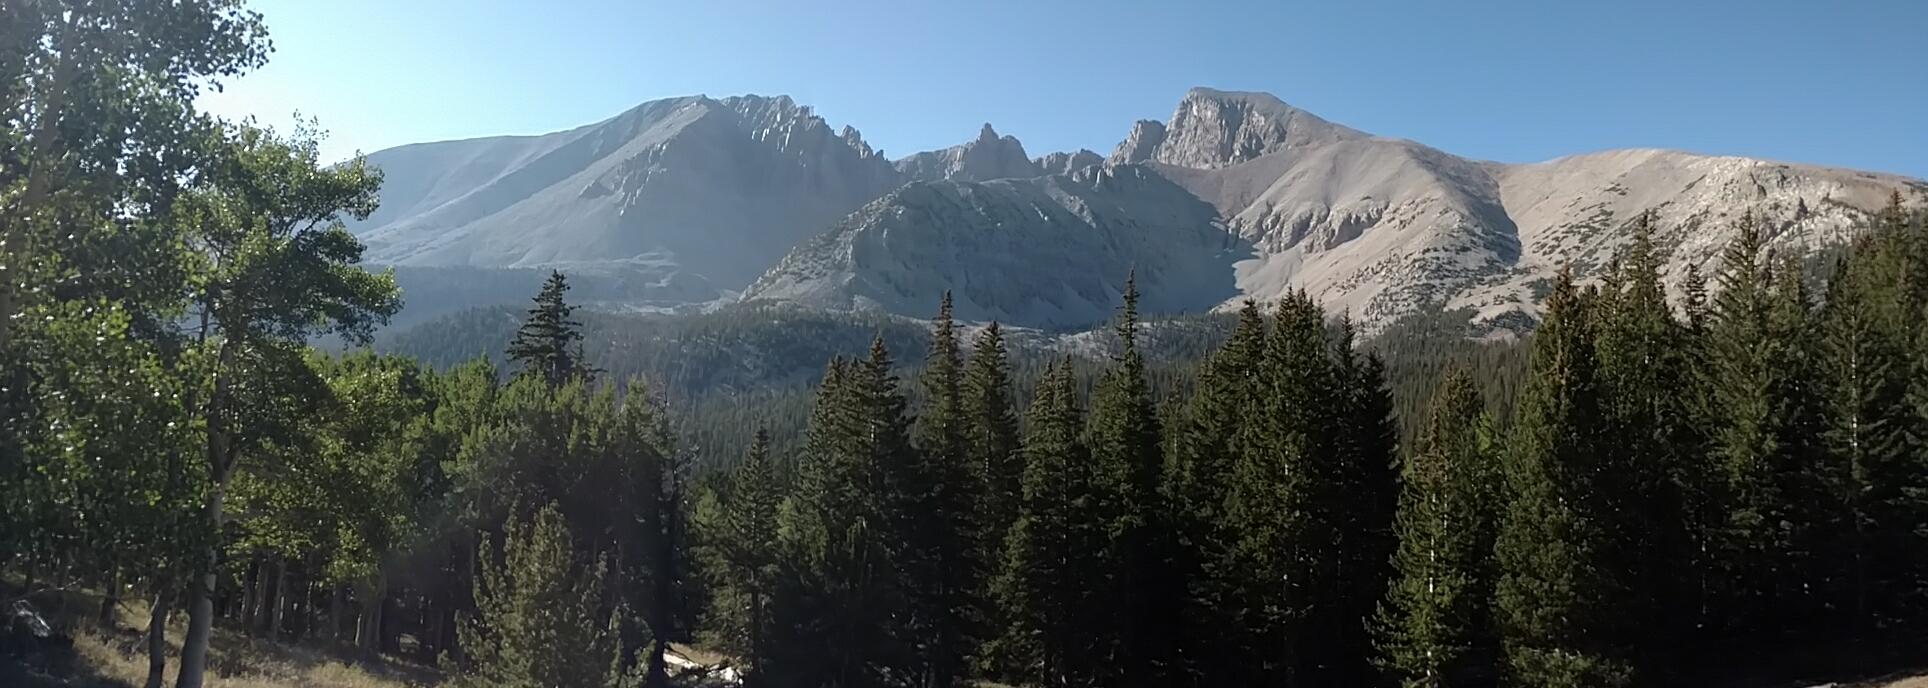 Jeff Davis peak (picture left) - Wheeler Peak (picture right)